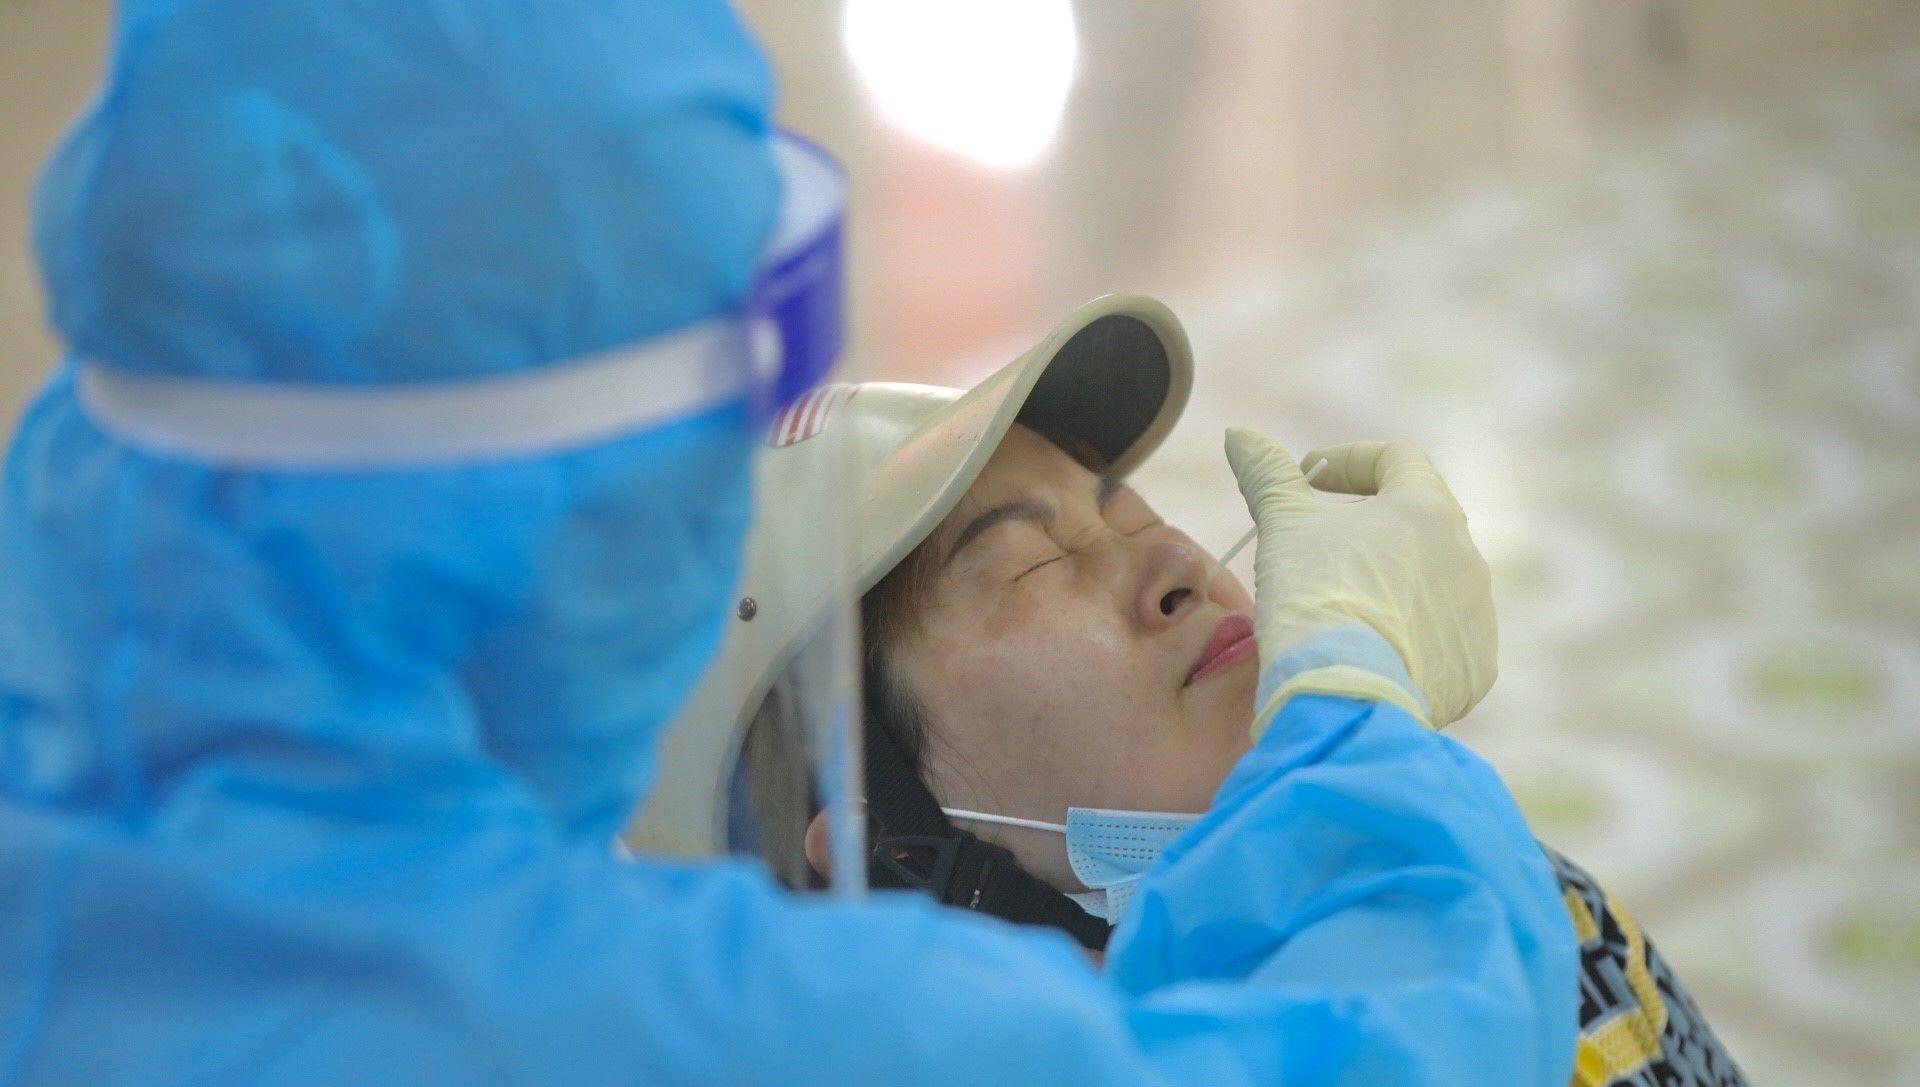 Nhân viên y tế huyện Thanh Trì lấy mẫu xét nghiệm COVID-19 cho người dân xã Ngũ Hiệp (ảnh chụp ngày 10/8/2021). - Sputnik Việt Nam, 1920, 10.08.2021